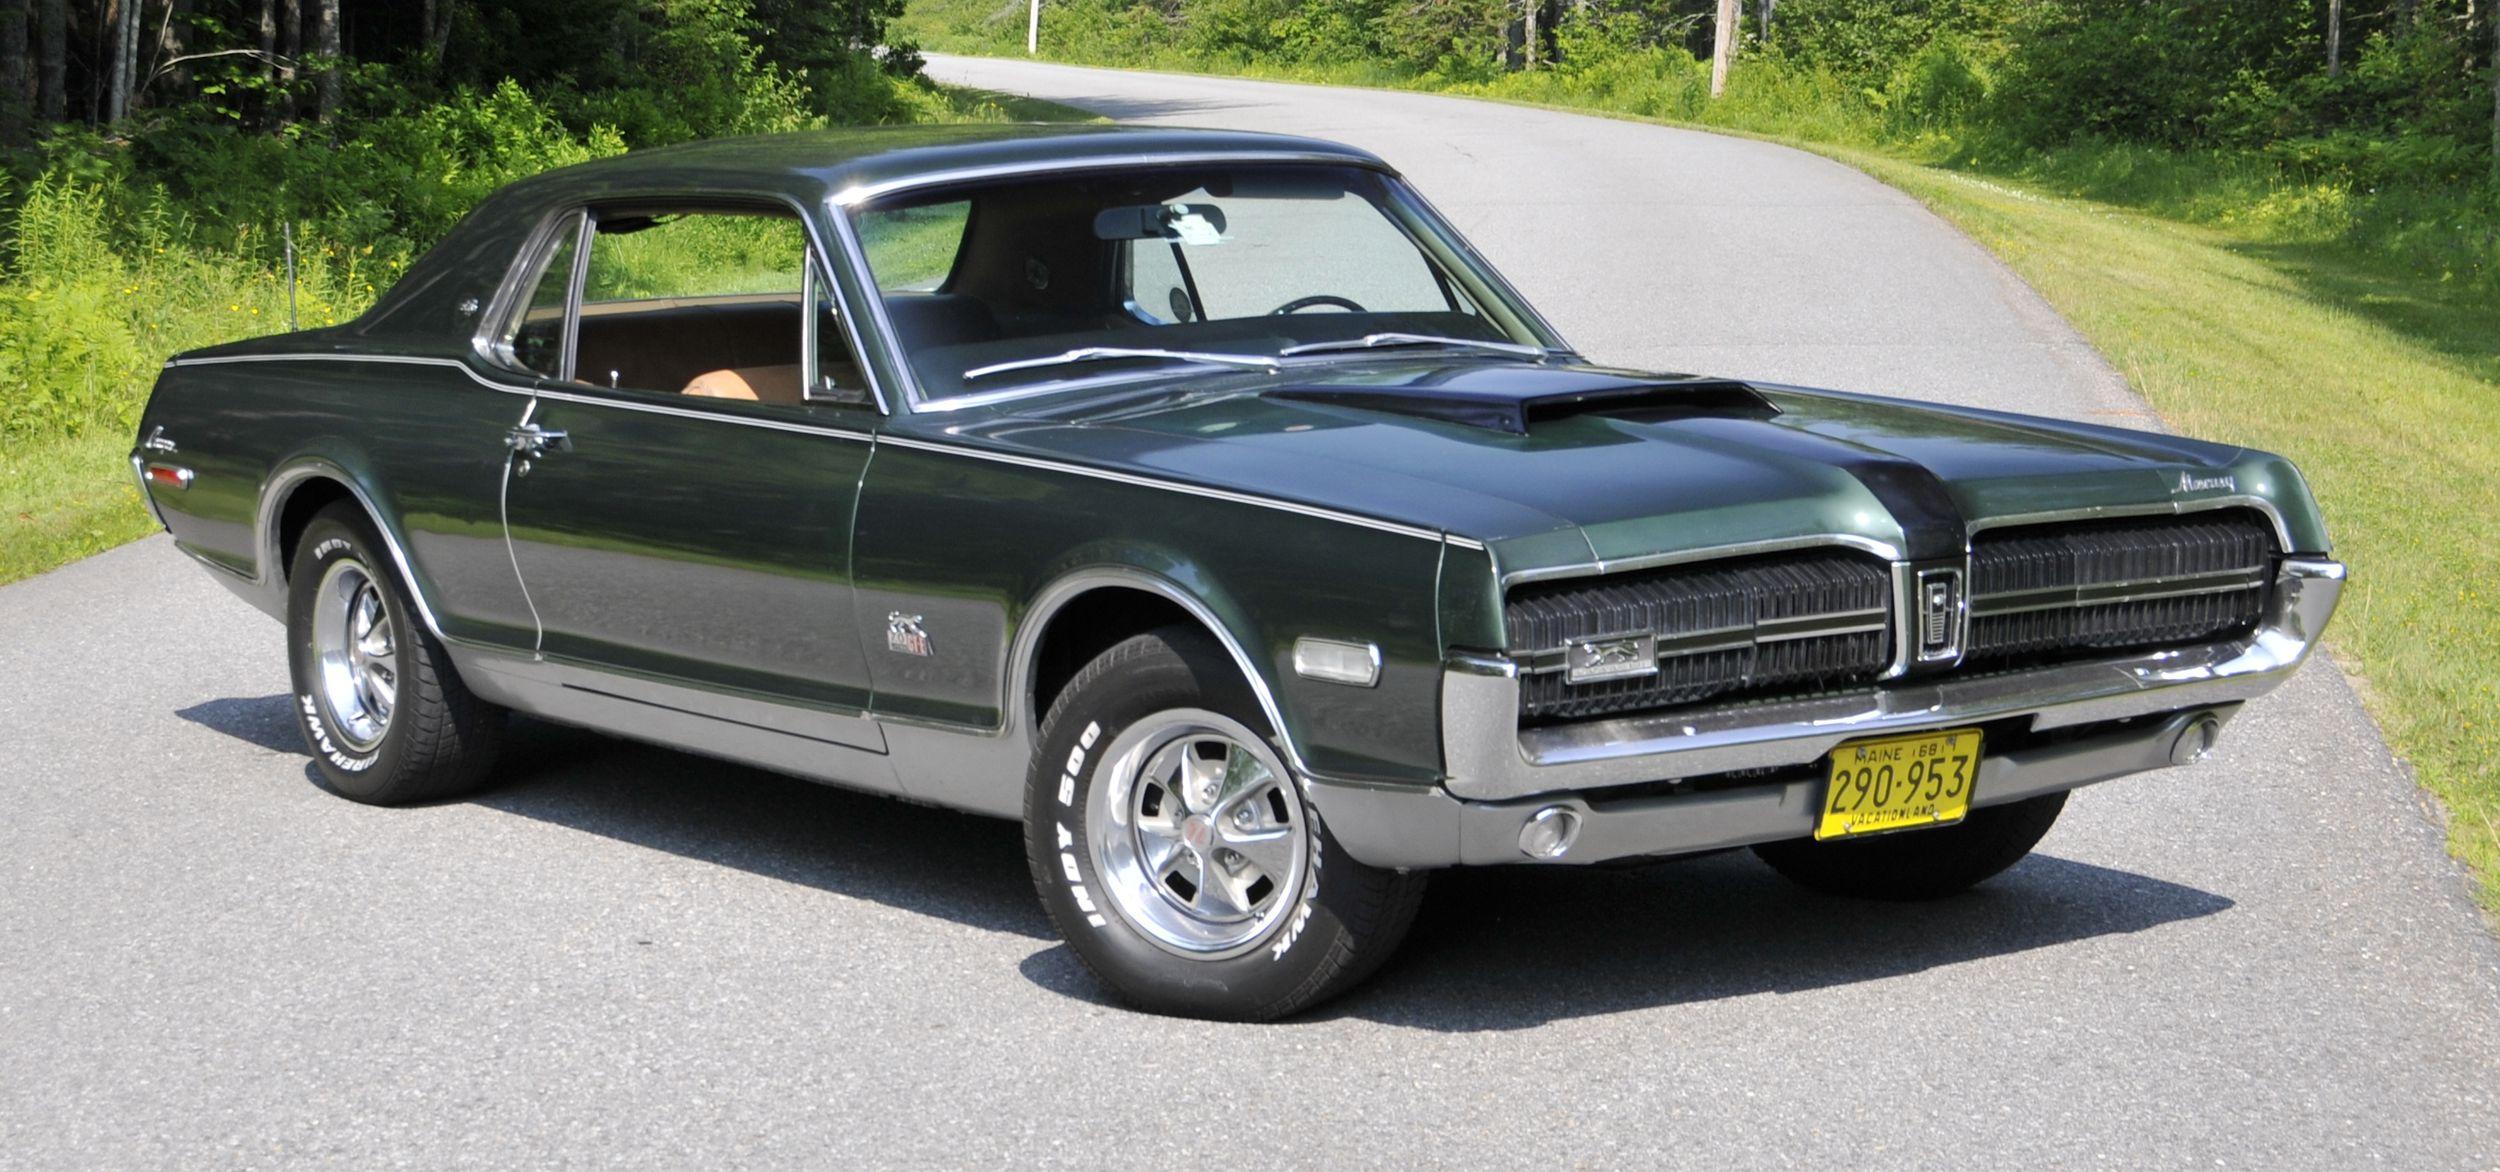 1968-mercury-cougar-gte-428-cobra-jet-street-muscle.jpg